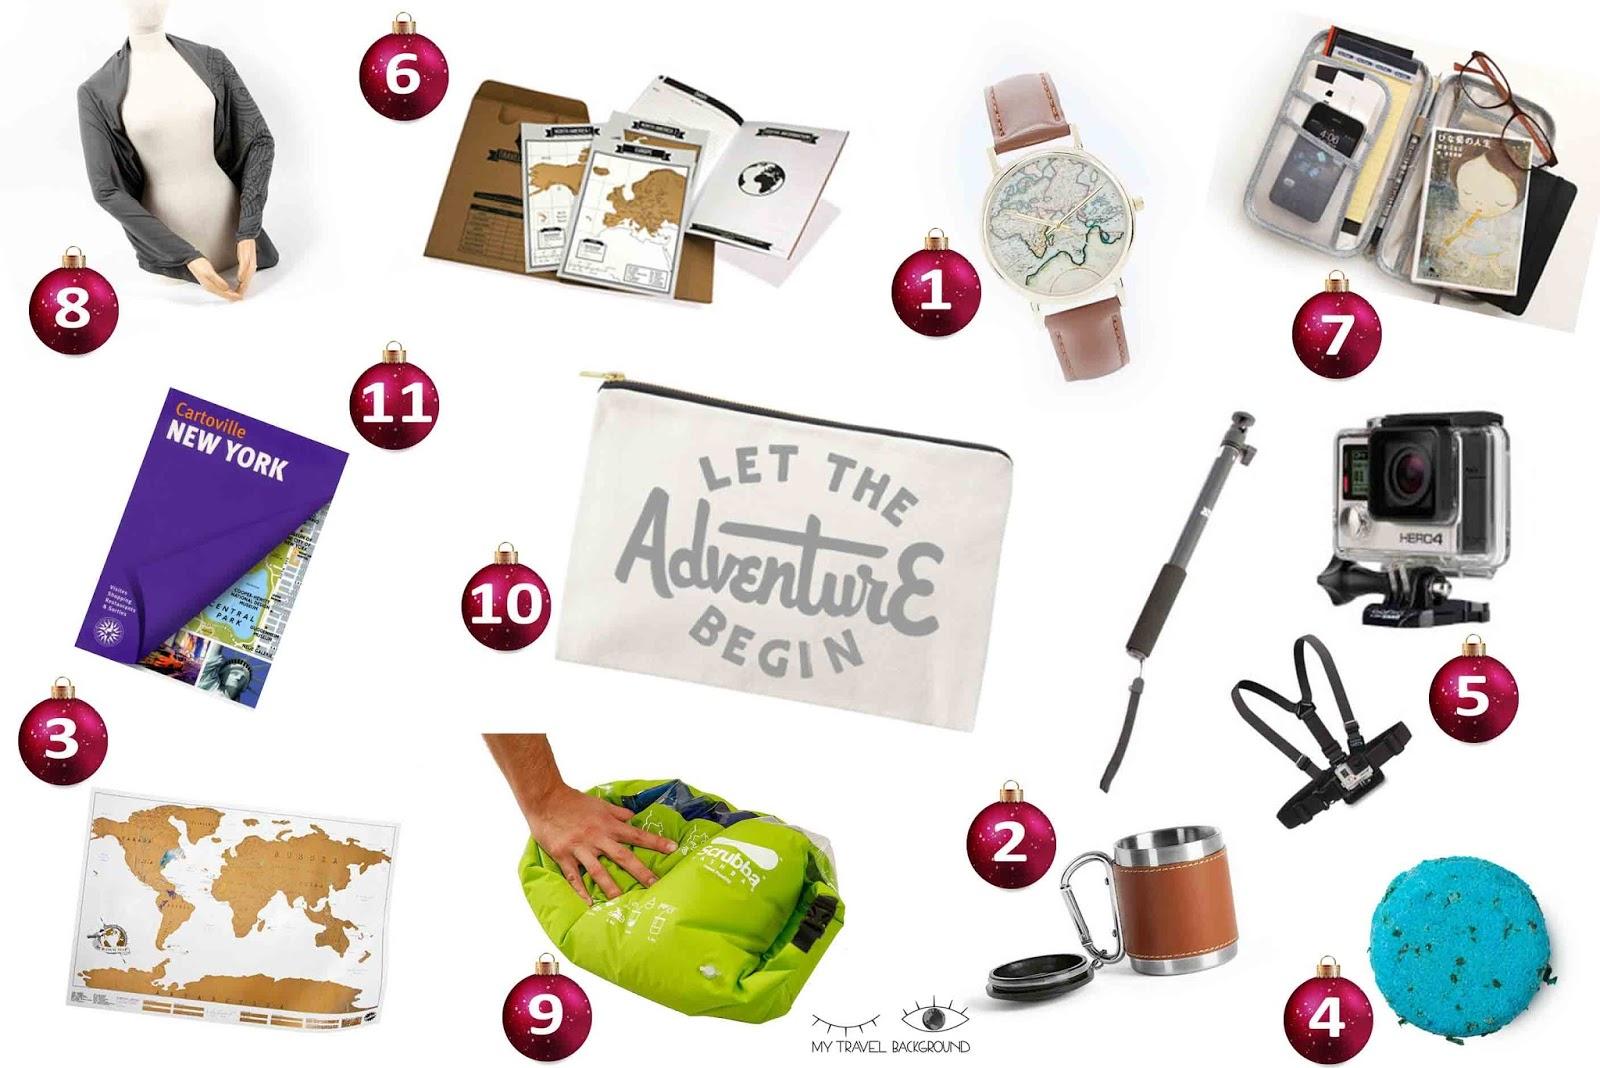 idée cadeau pour voyageur 20 IDEES CADEAUX pour les VOYAGEURS | MY TRAVEL BACKGROUND : blog  idée cadeau pour voyageur